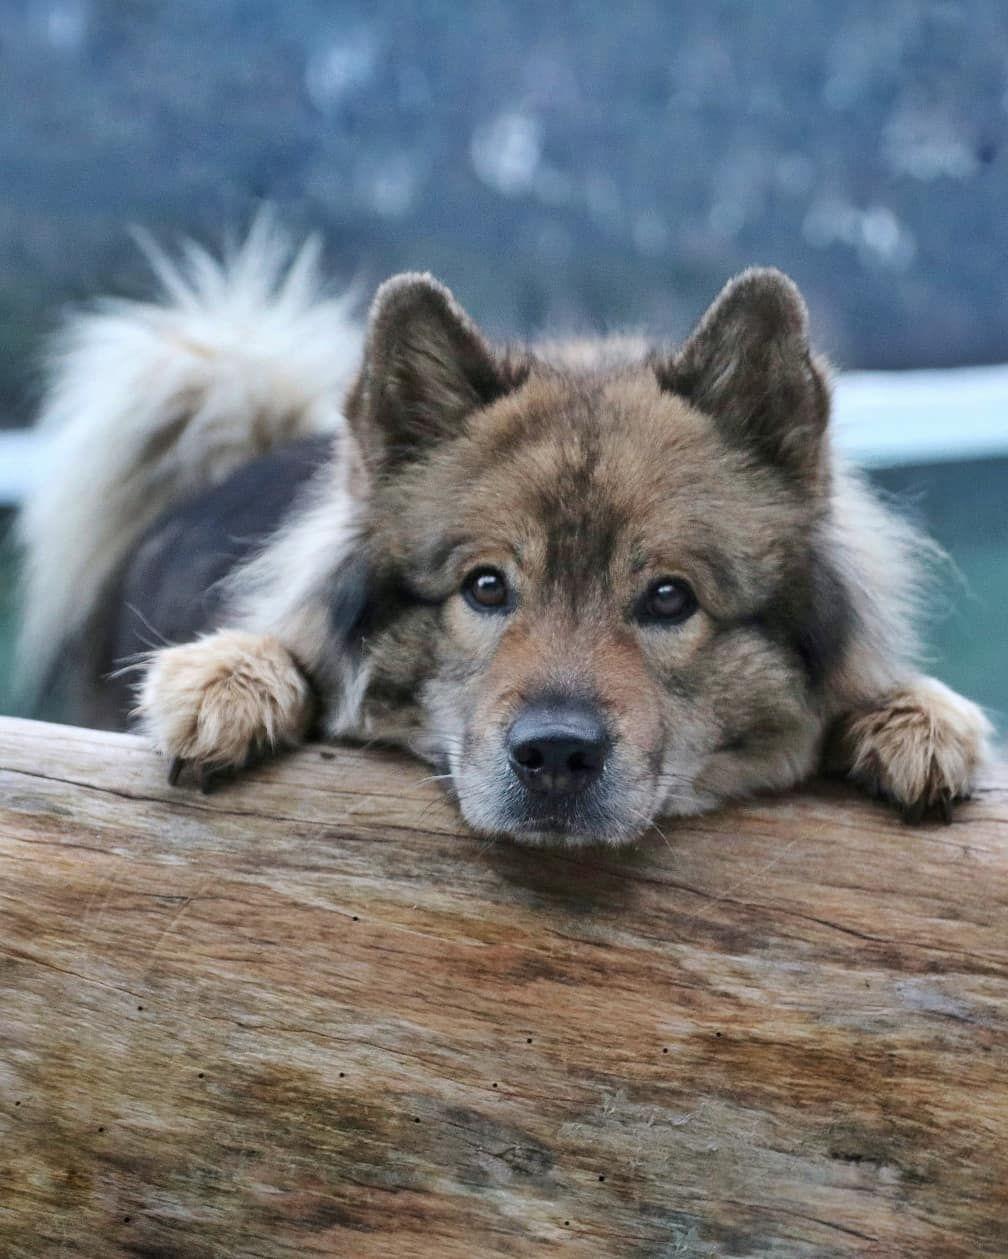 Werbung Gewinnspiel Happy Mountainmonday Still Und Heimlich Haben Wir Uber Das Wochenende Die 17 000 Follower Geknackt Fluffy Dogs Eurasier Dog Breeds